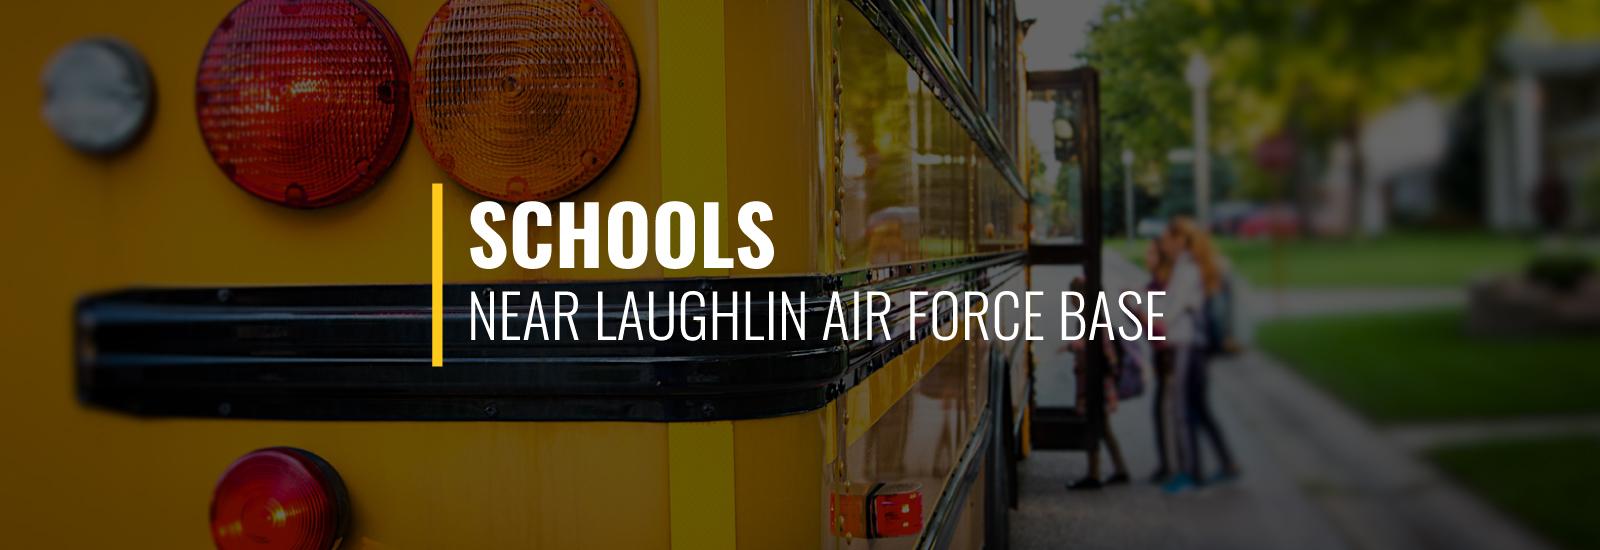 Laughlin AFB Schools